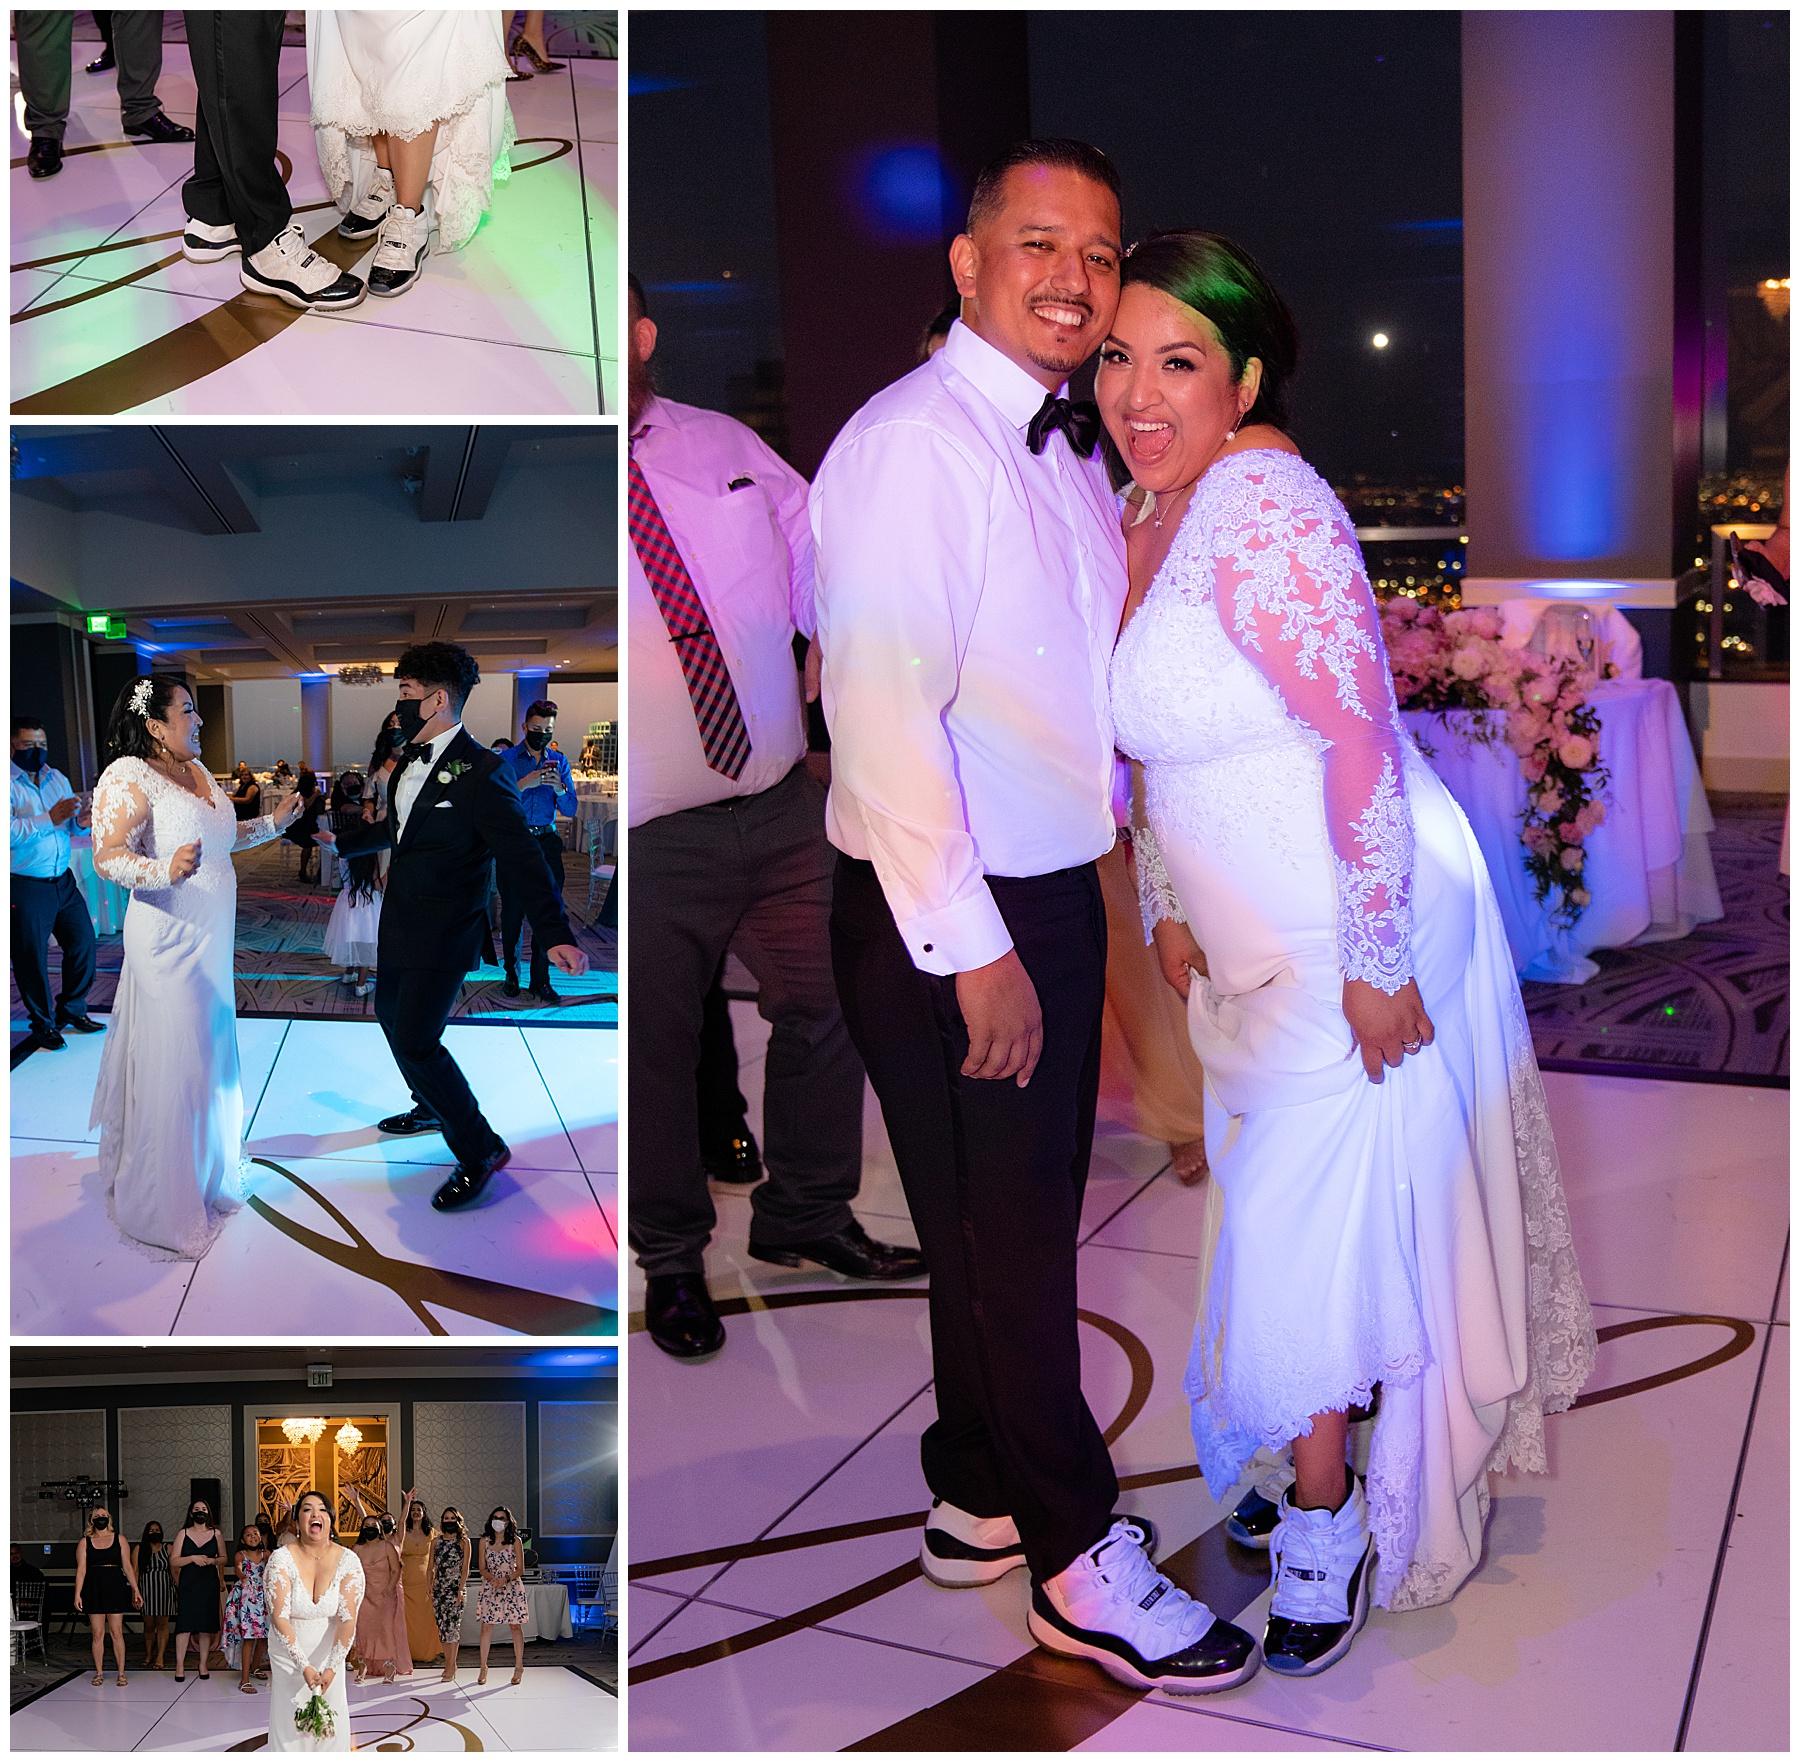 city club la wedding dancing